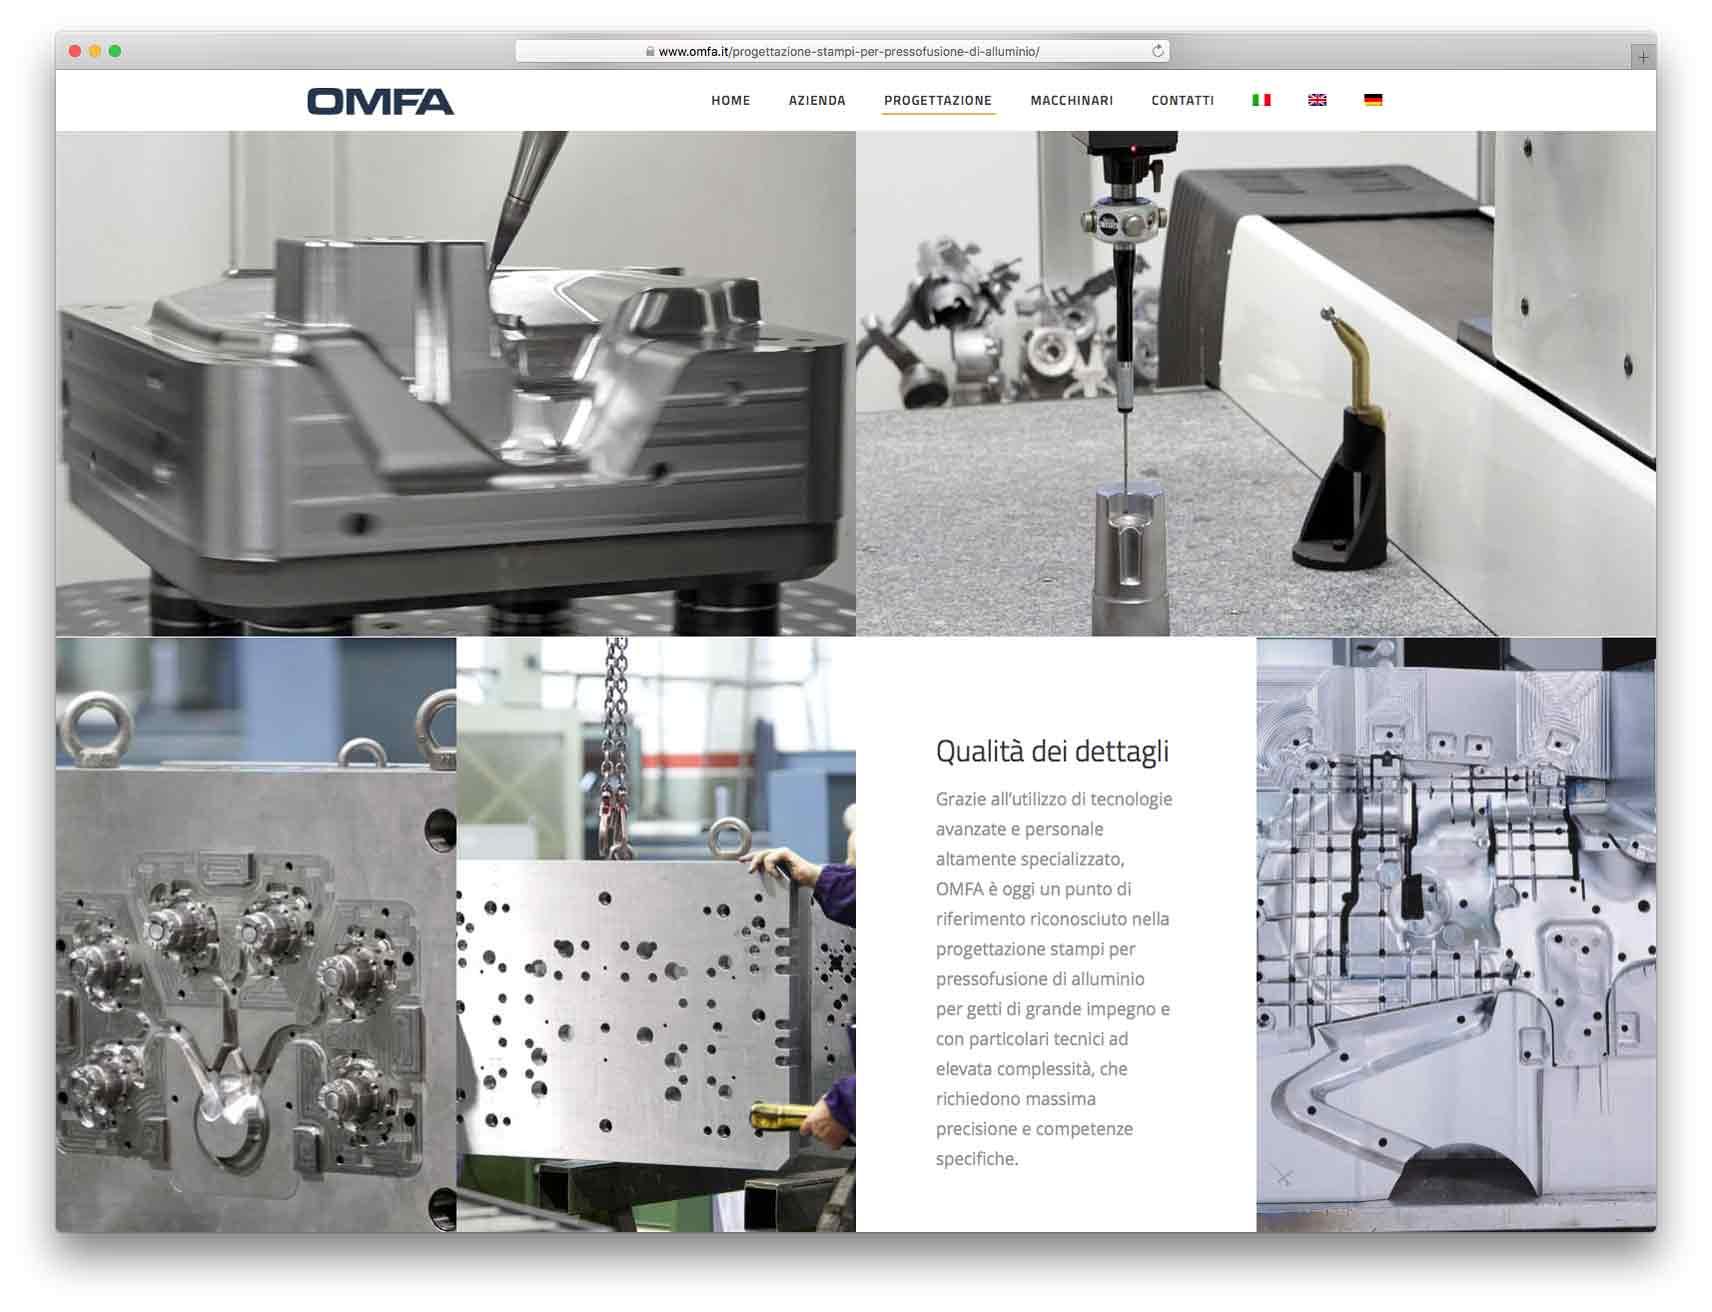 creazione siti web brescia - Agenzia P - sito web Omfa